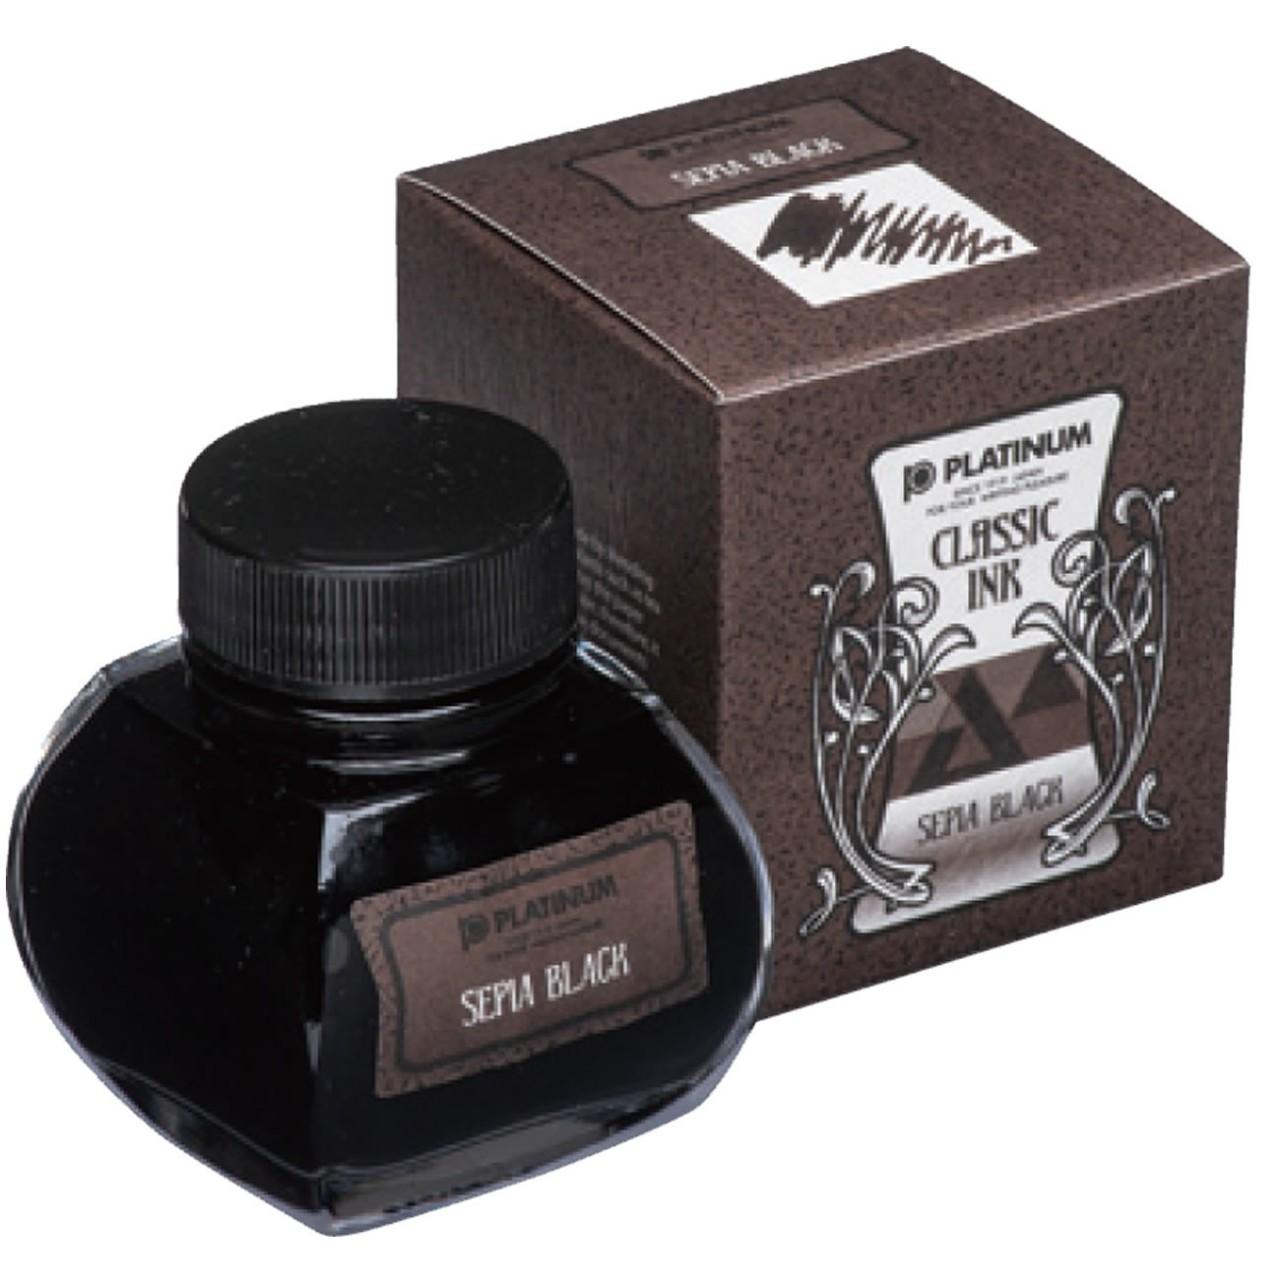 Platinum Dyestuff 'Classic Ink' Sepia Black